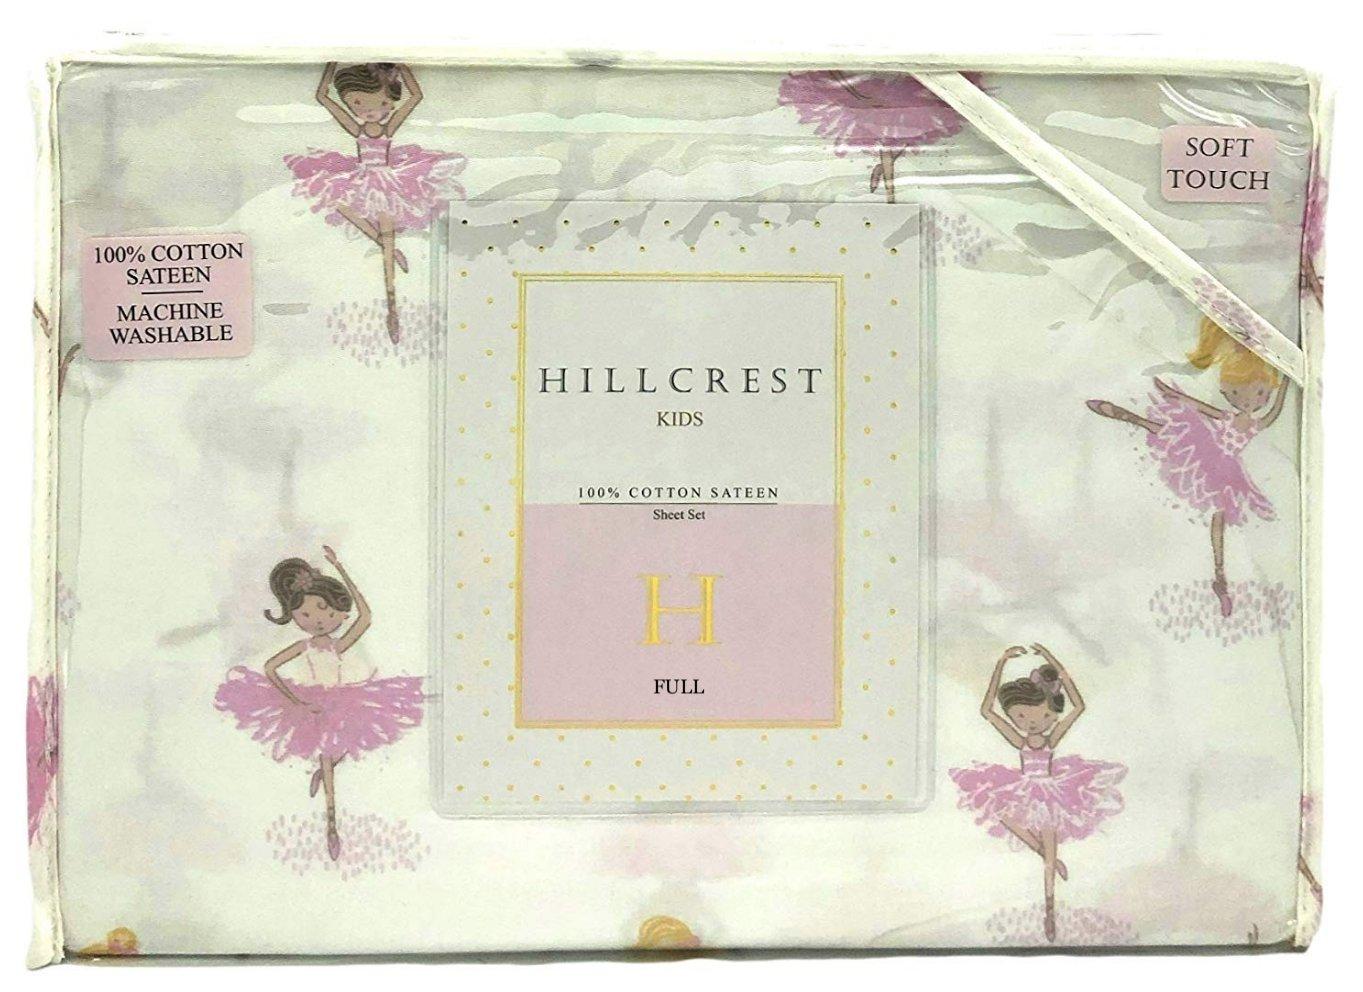 Hillcrest Kids Dancing Ballerinas Full Size Cotton Sheet Set (Full)